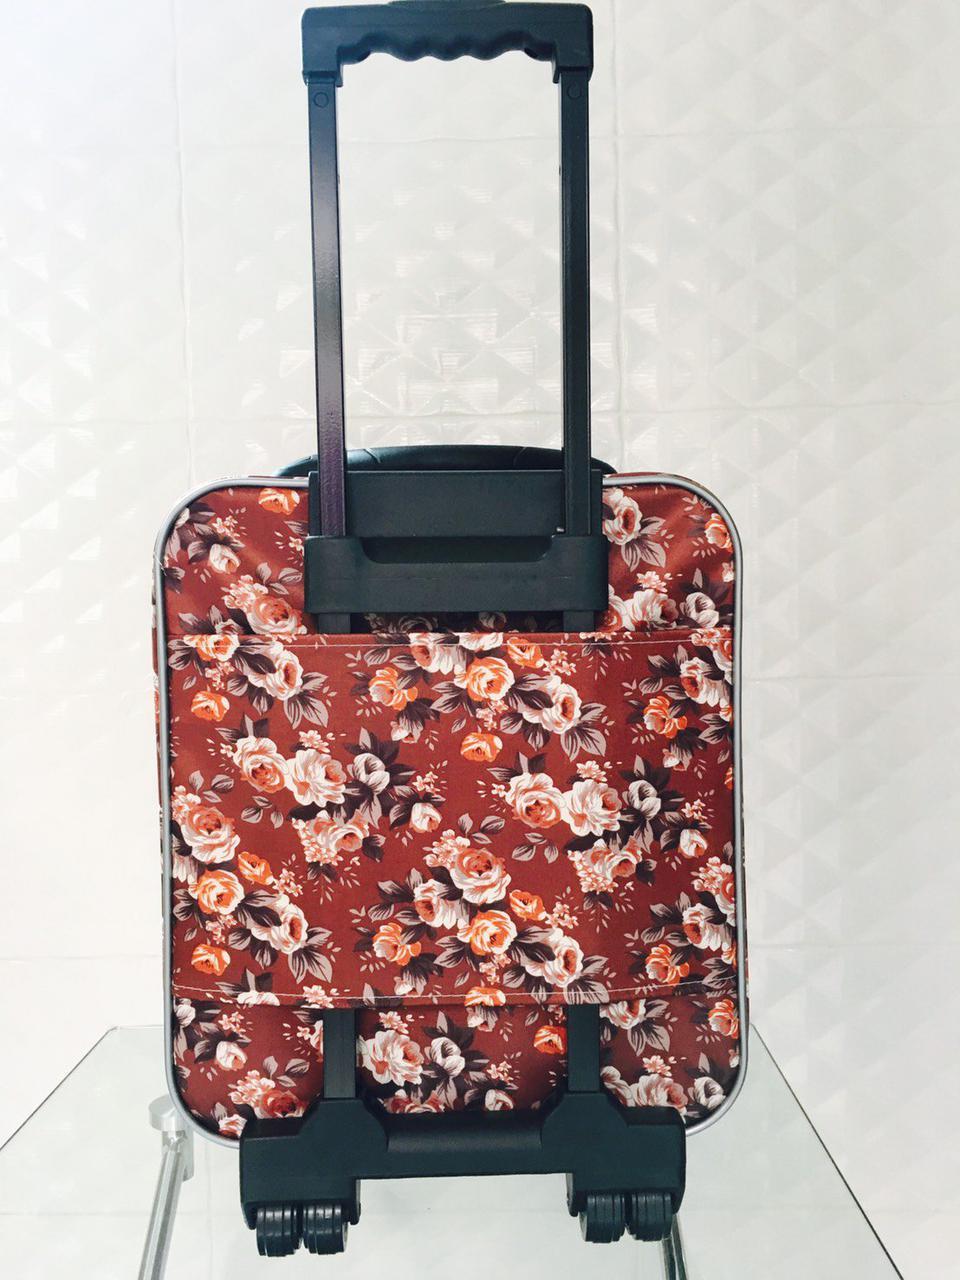 กระเป๋าเดินทางแบบผ้า ลายดอกไม้พื้นน้ำตาล ขนาด 16 นิ้ว รูปที่ 4